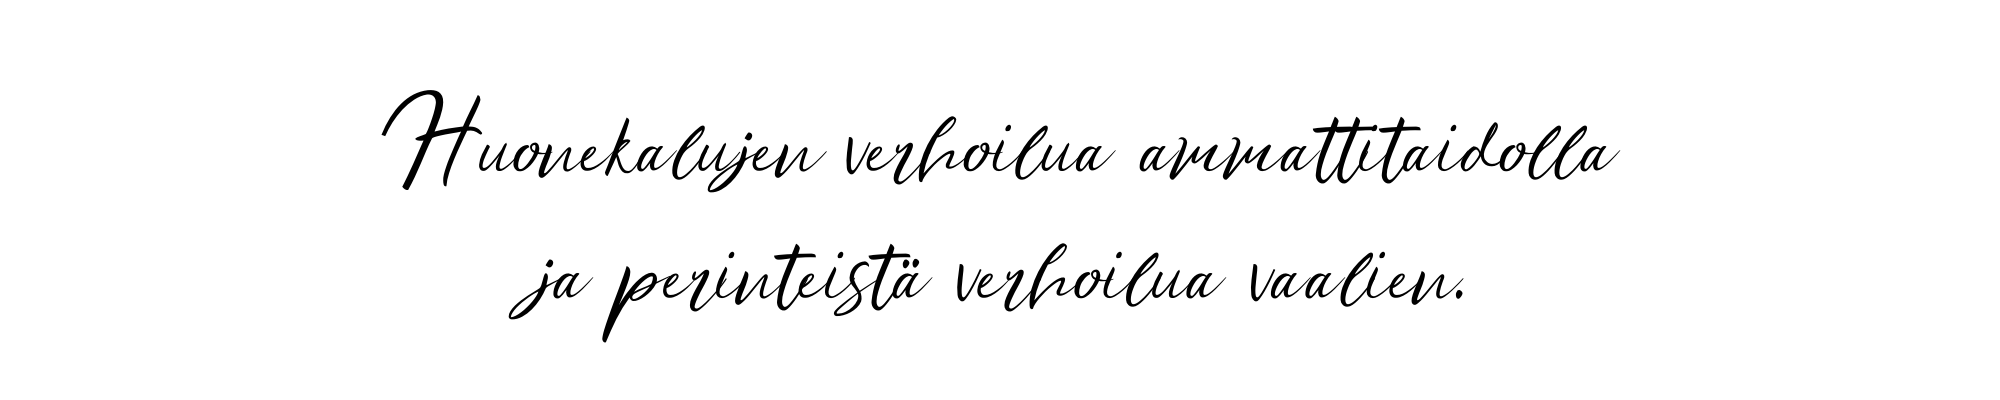 Verhoomo Silkki - Verhoilua ammattitaidolla